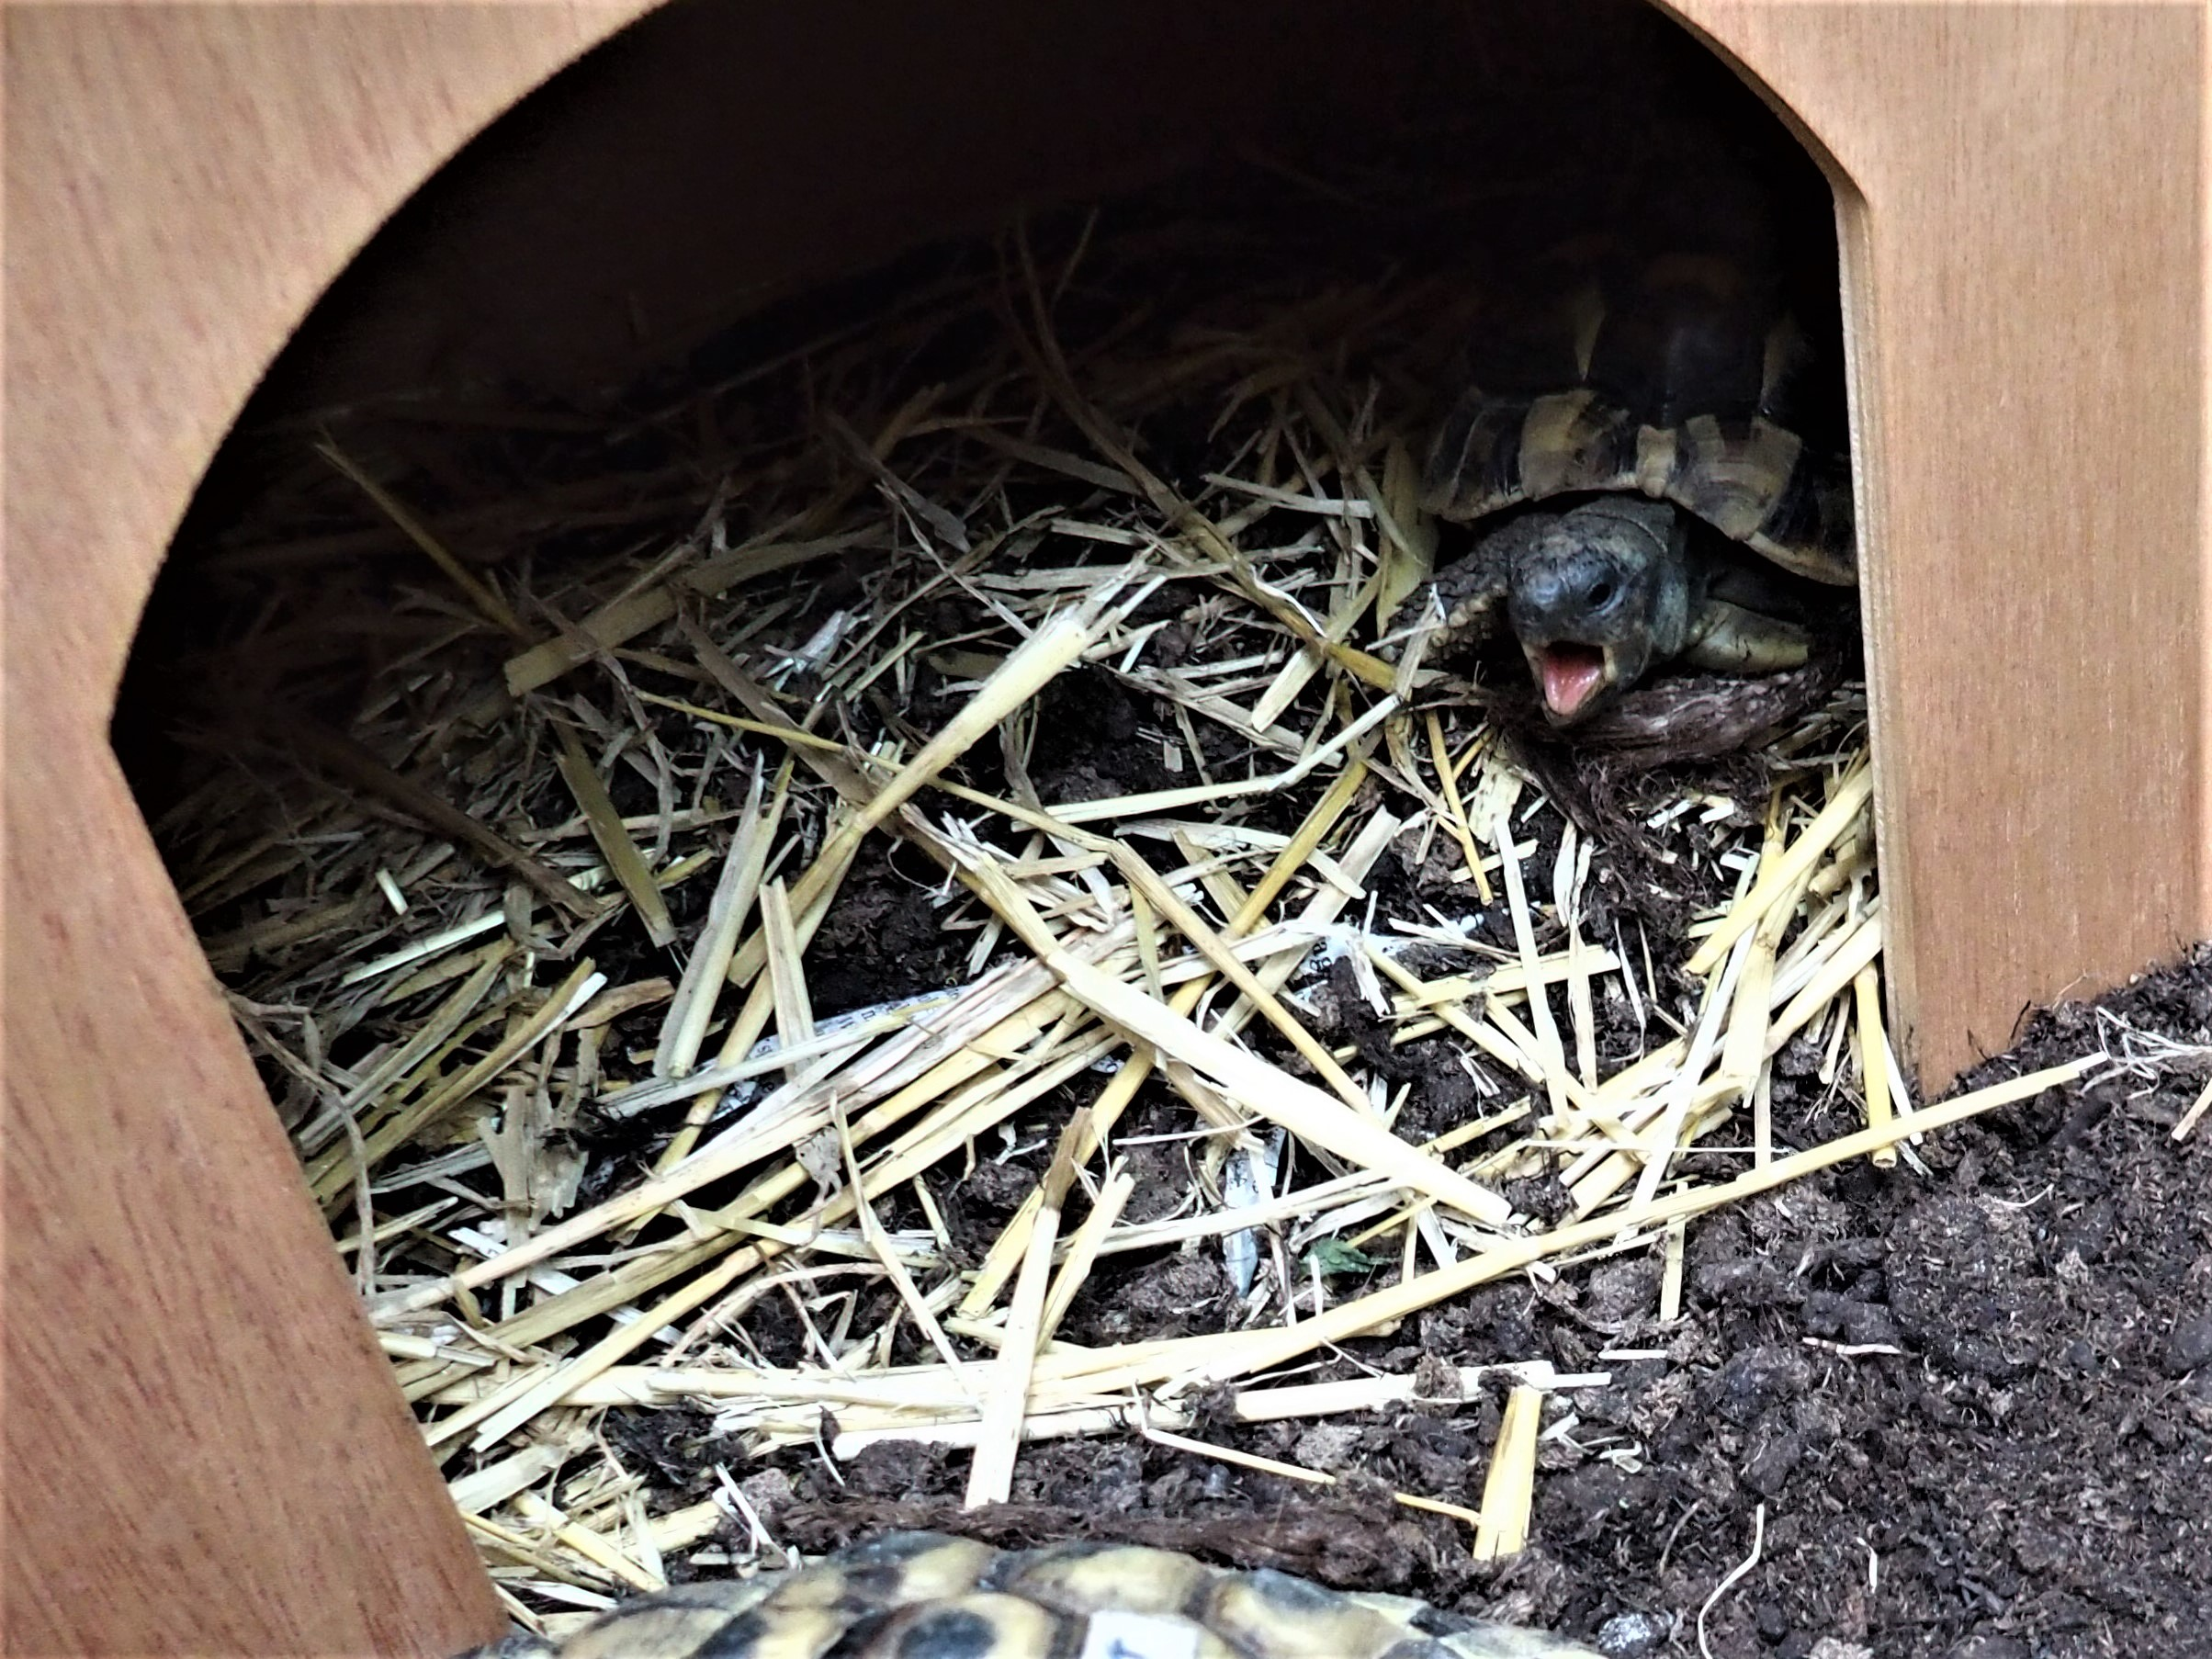 Griechische Landschildkröte aufgewacht